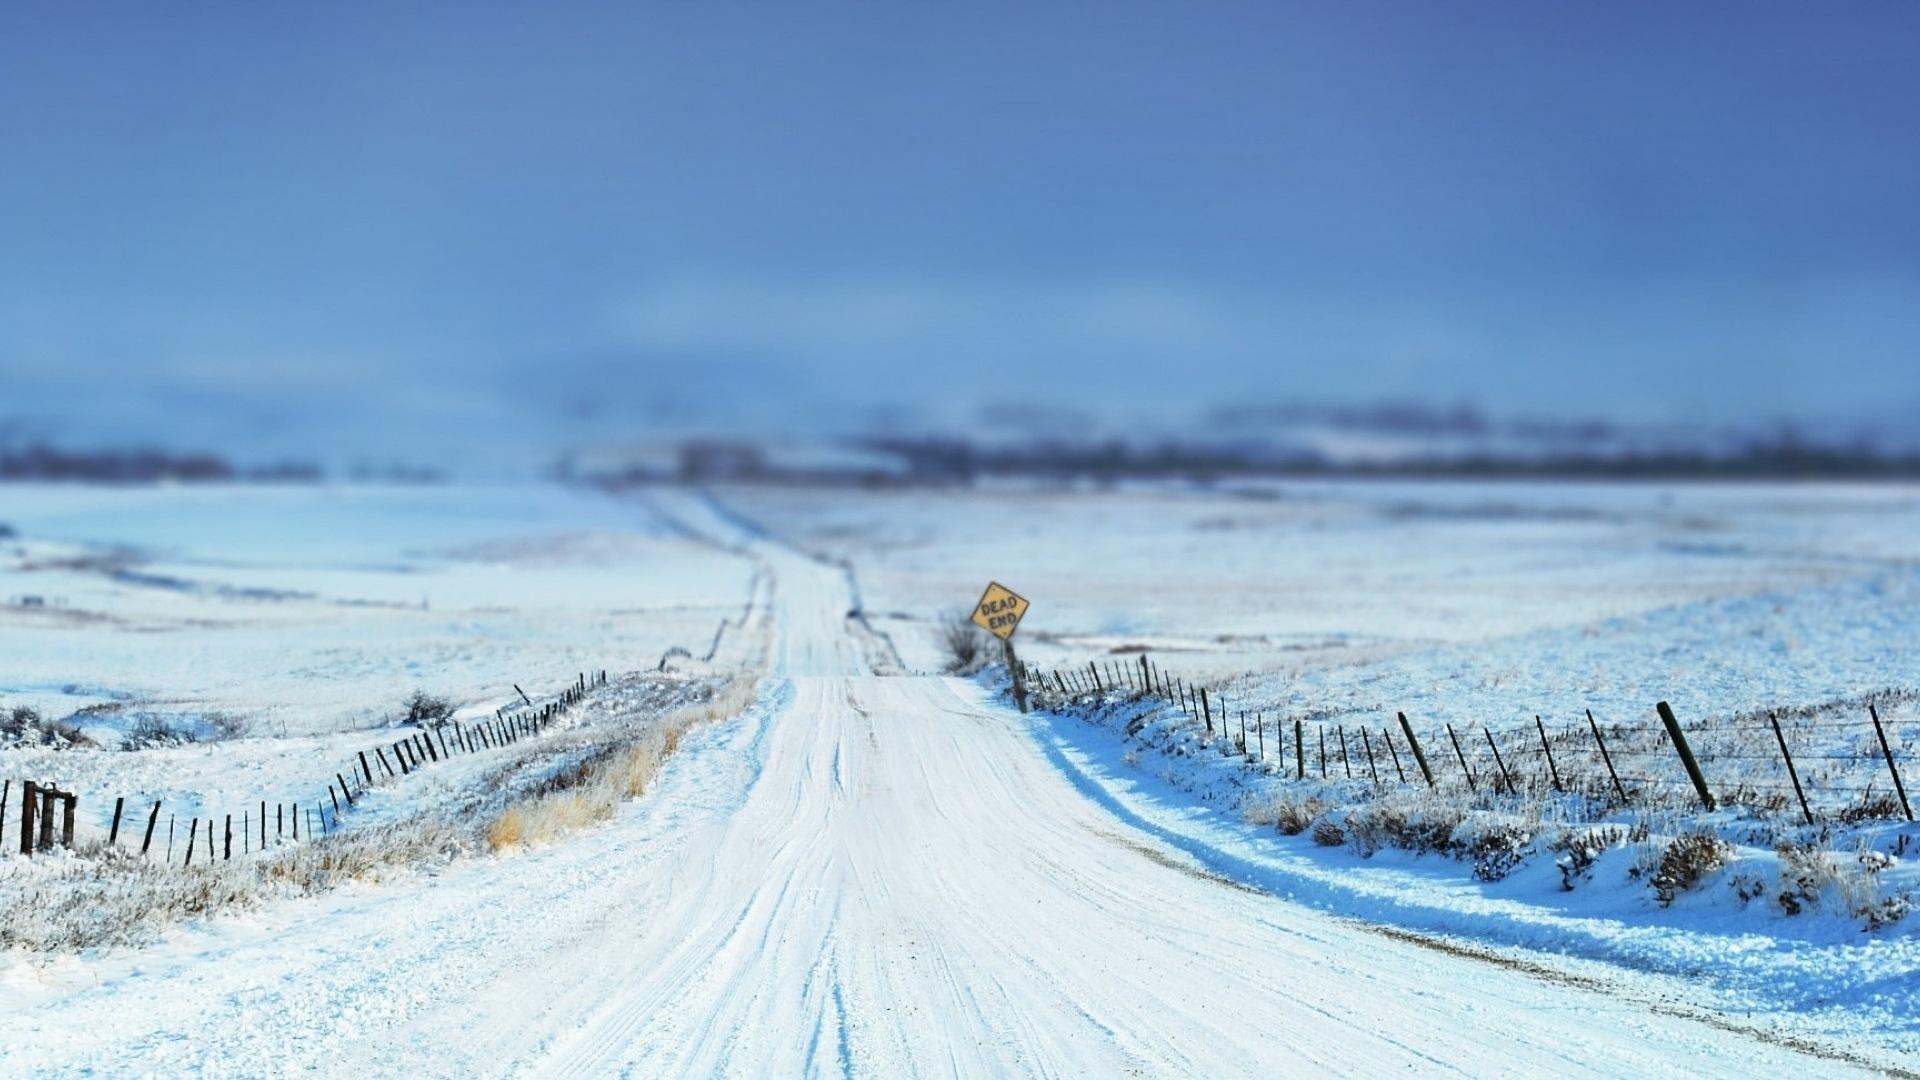 Hiver neige montagnes lacs arbres routes fonds d for Fond ecran hiver hd